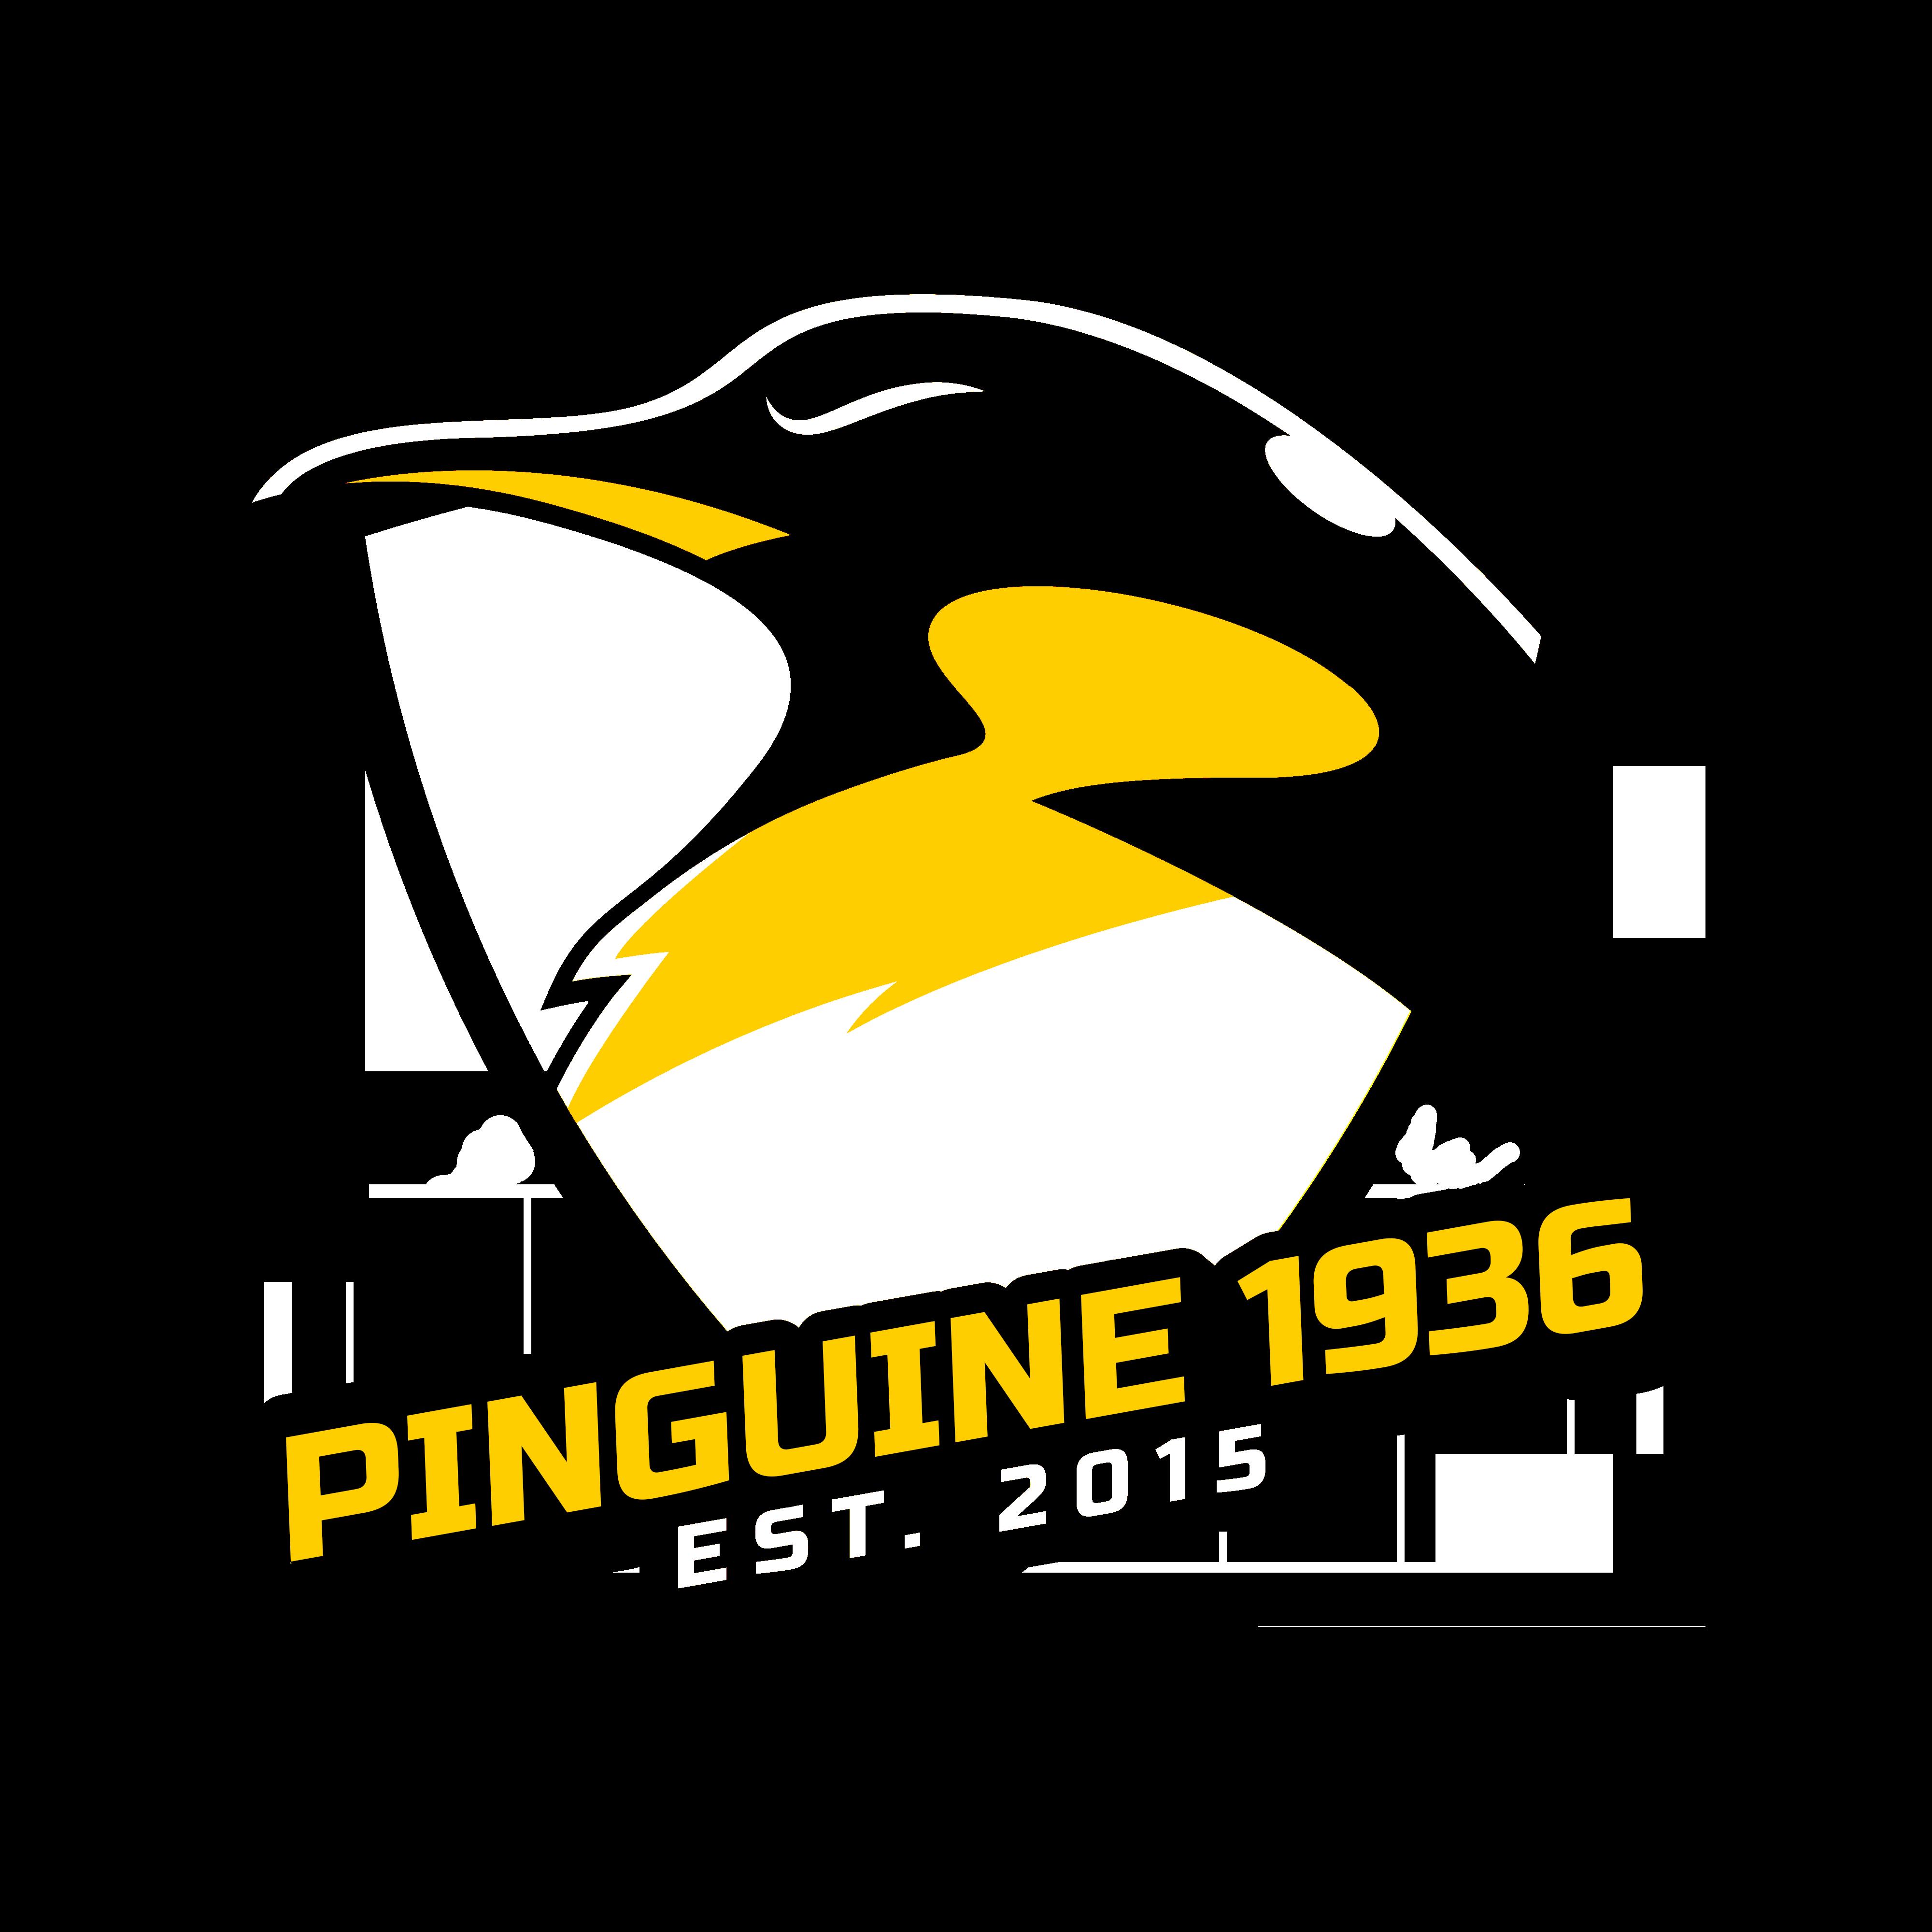 Pinguine 1936